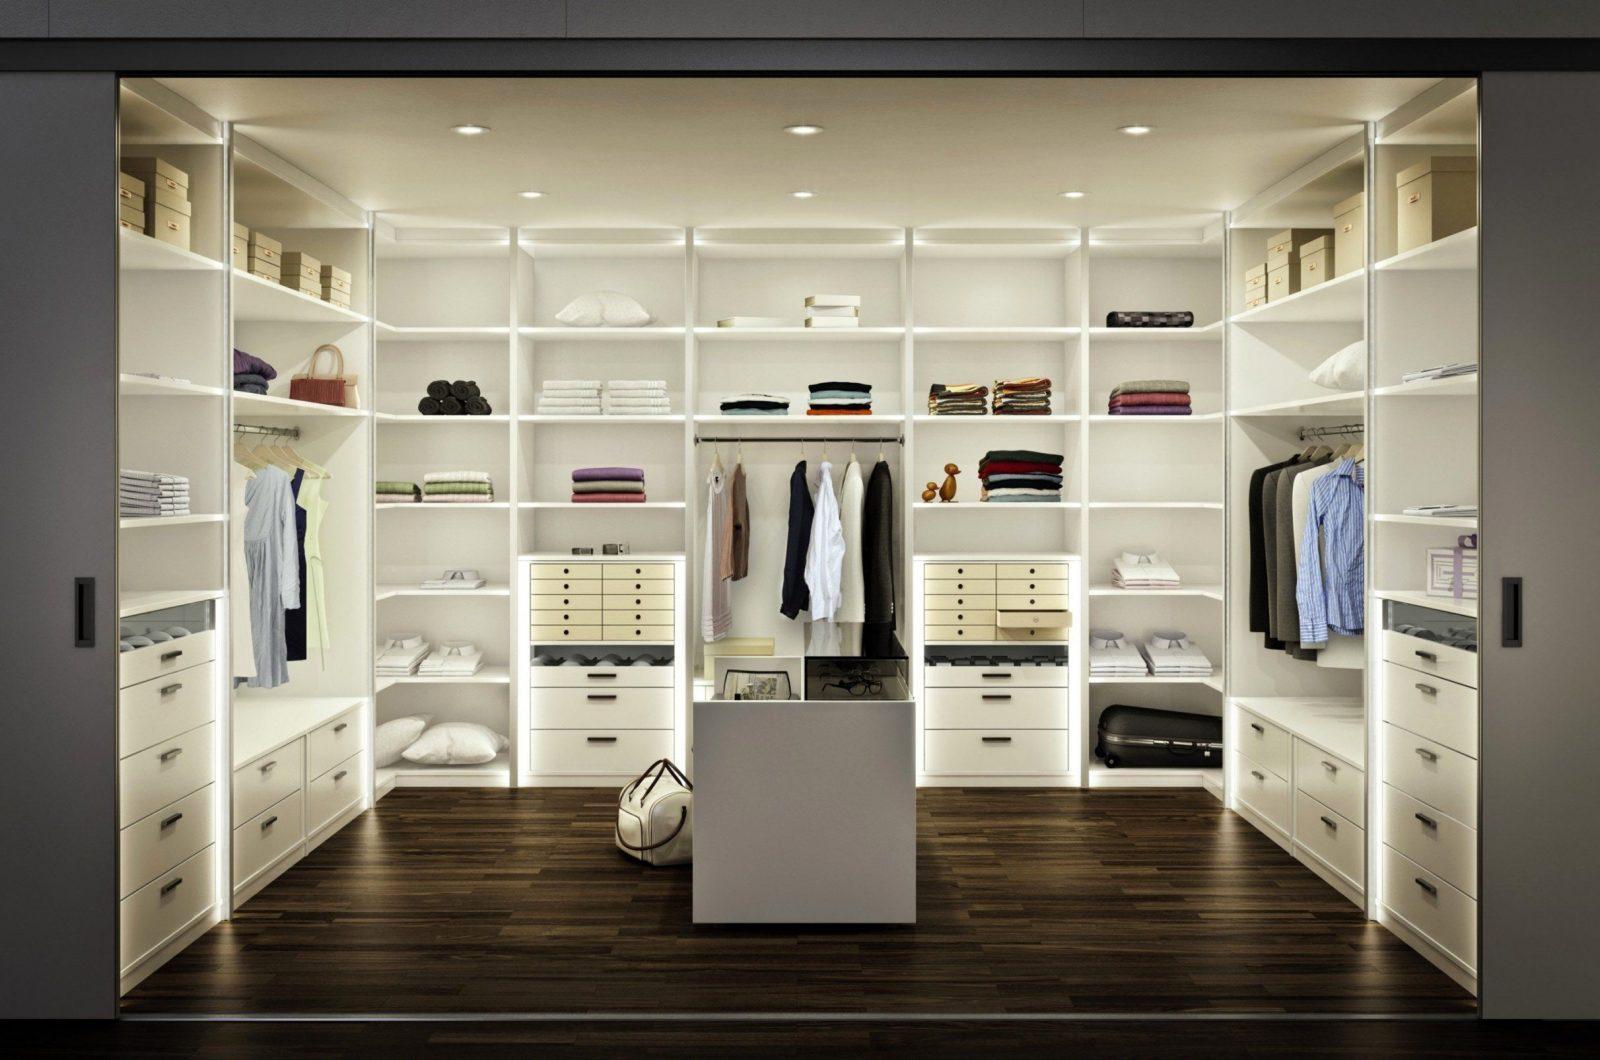 Elegant Begehbarer Kleiderschrank Ticaaegehbarer Kleiner Ideen Raum von Schrank Tapezieren Kreative Ideen Bild